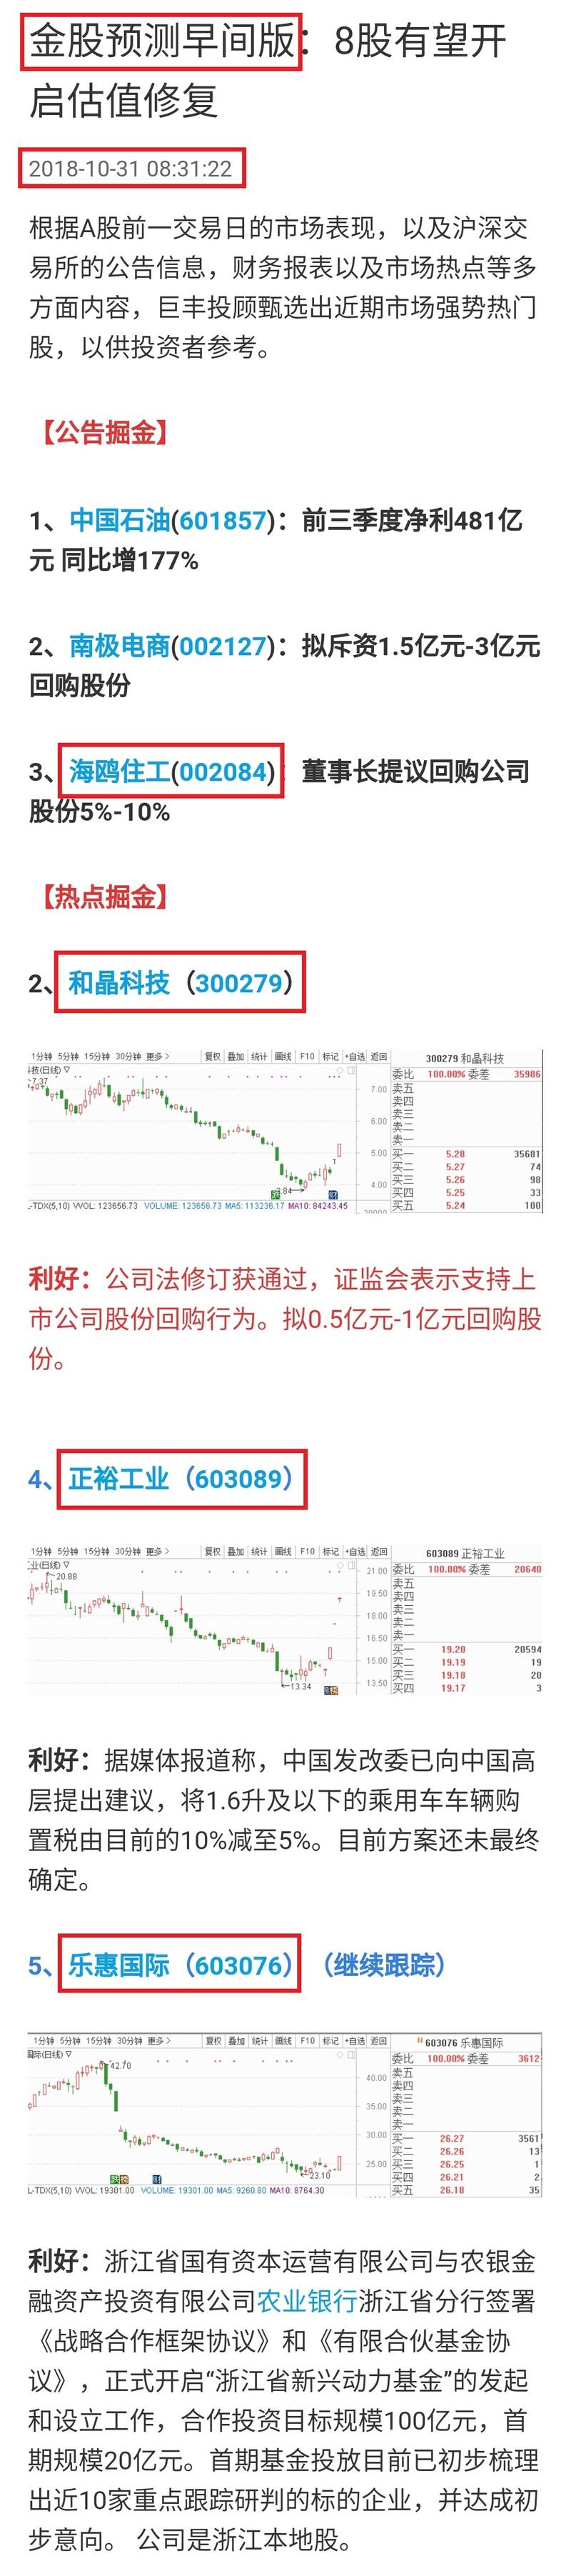 金股回顾:金股预测推荐跃岭股份等多只个股强势涨停!